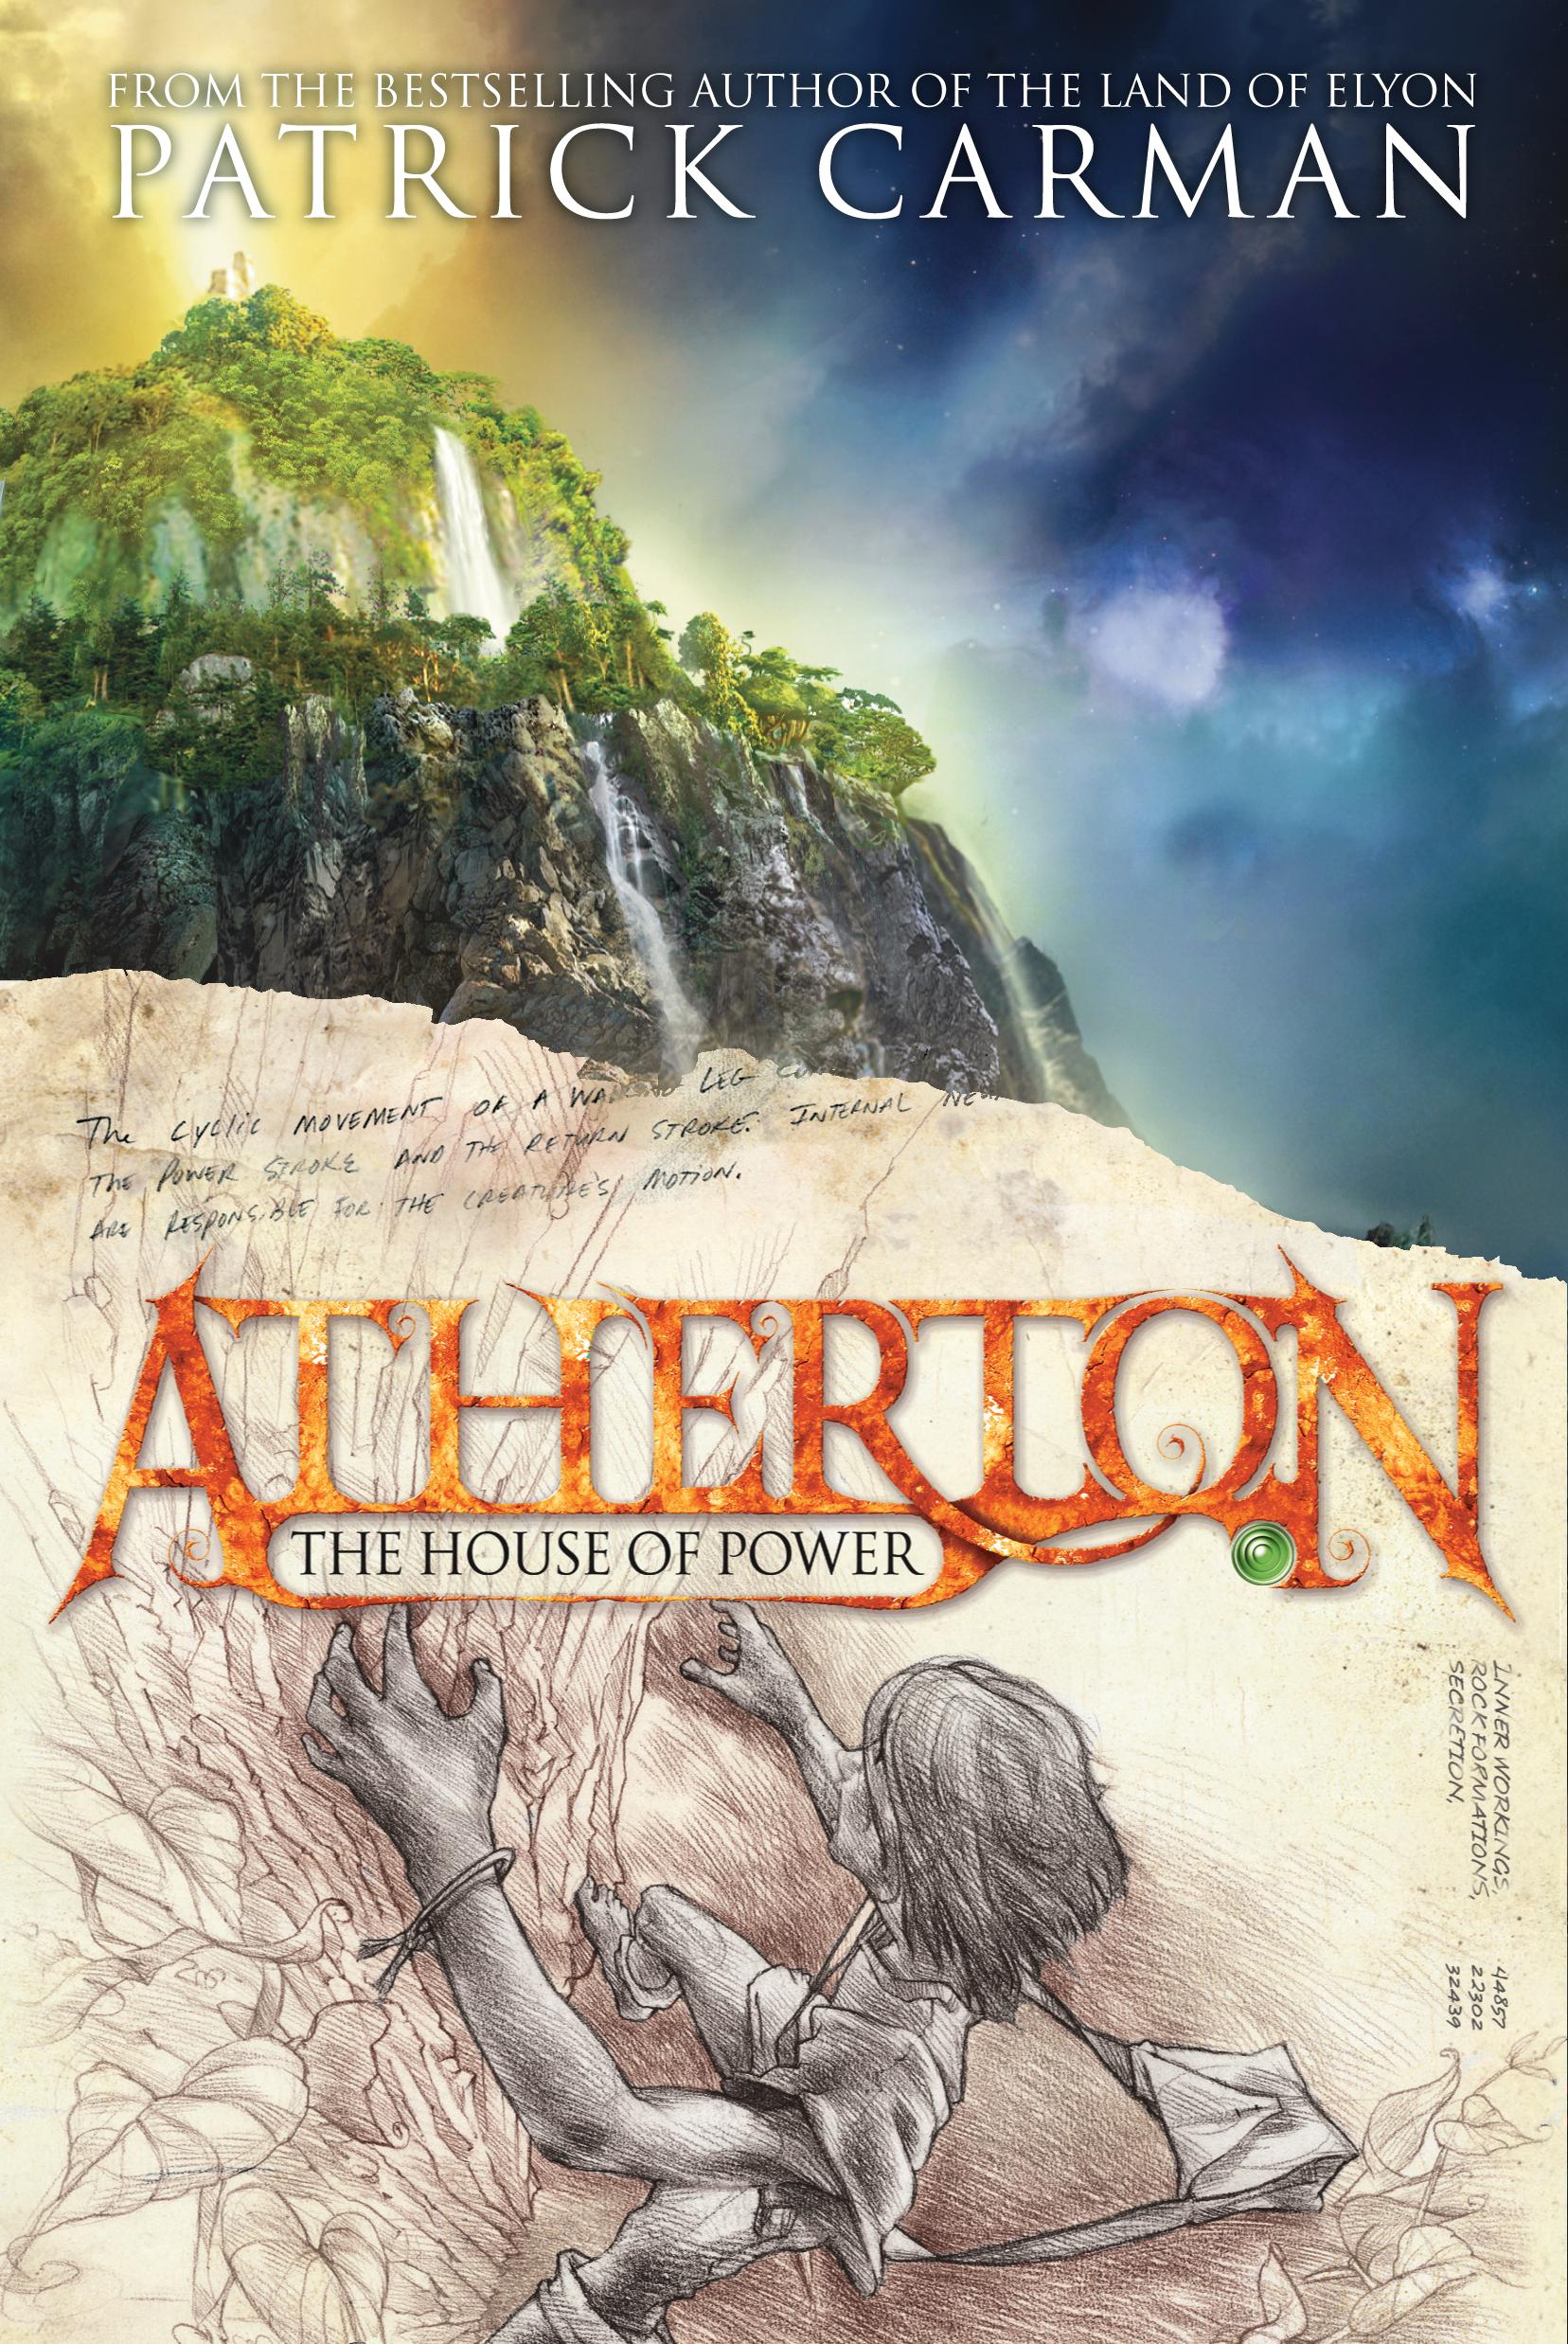 ATHERTON by Patrick Carman